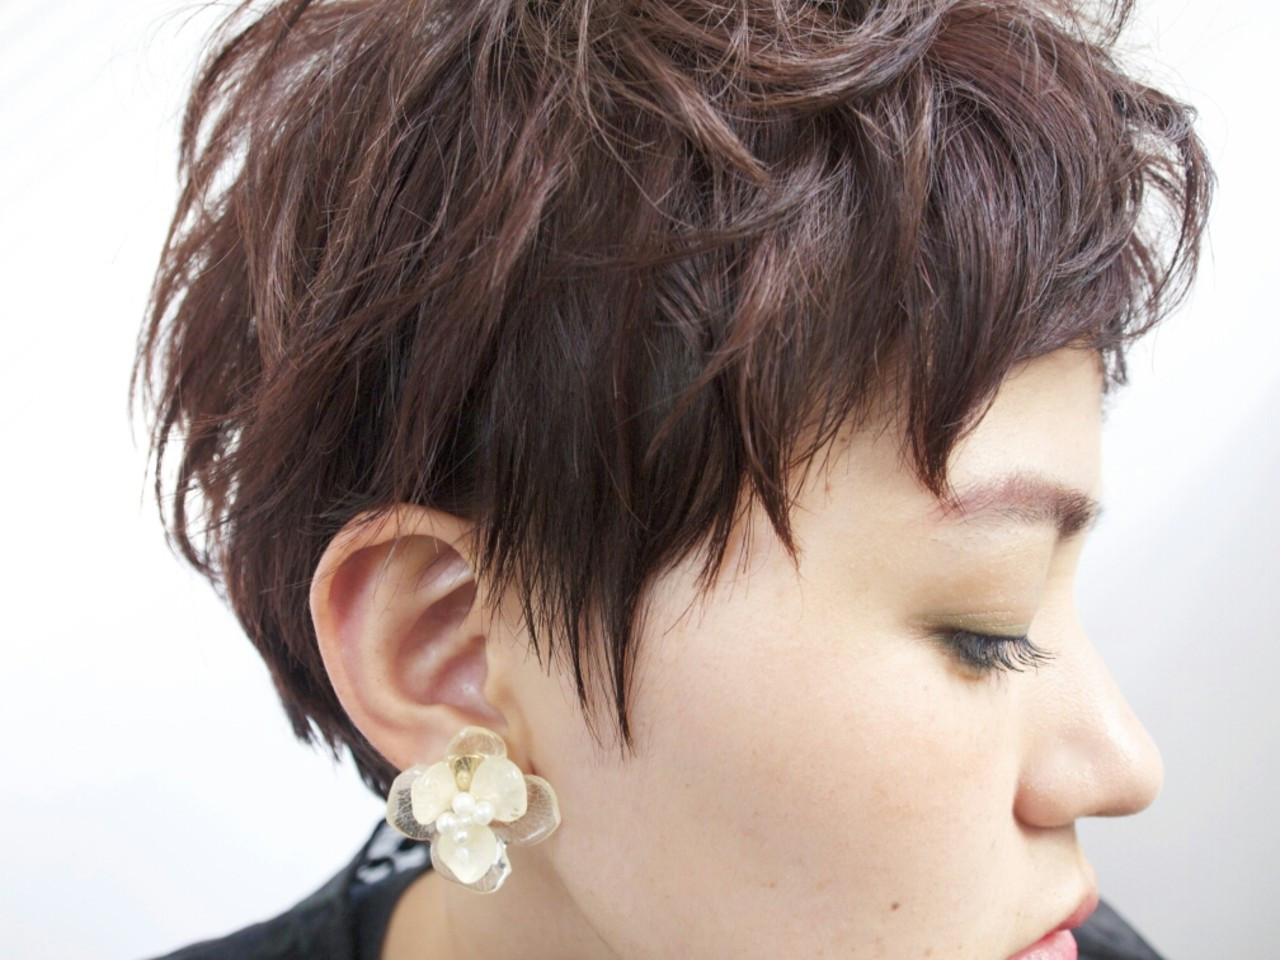 前髪あり ガーリー 秋 外国人風 ヘアスタイルや髪型の写真・画像